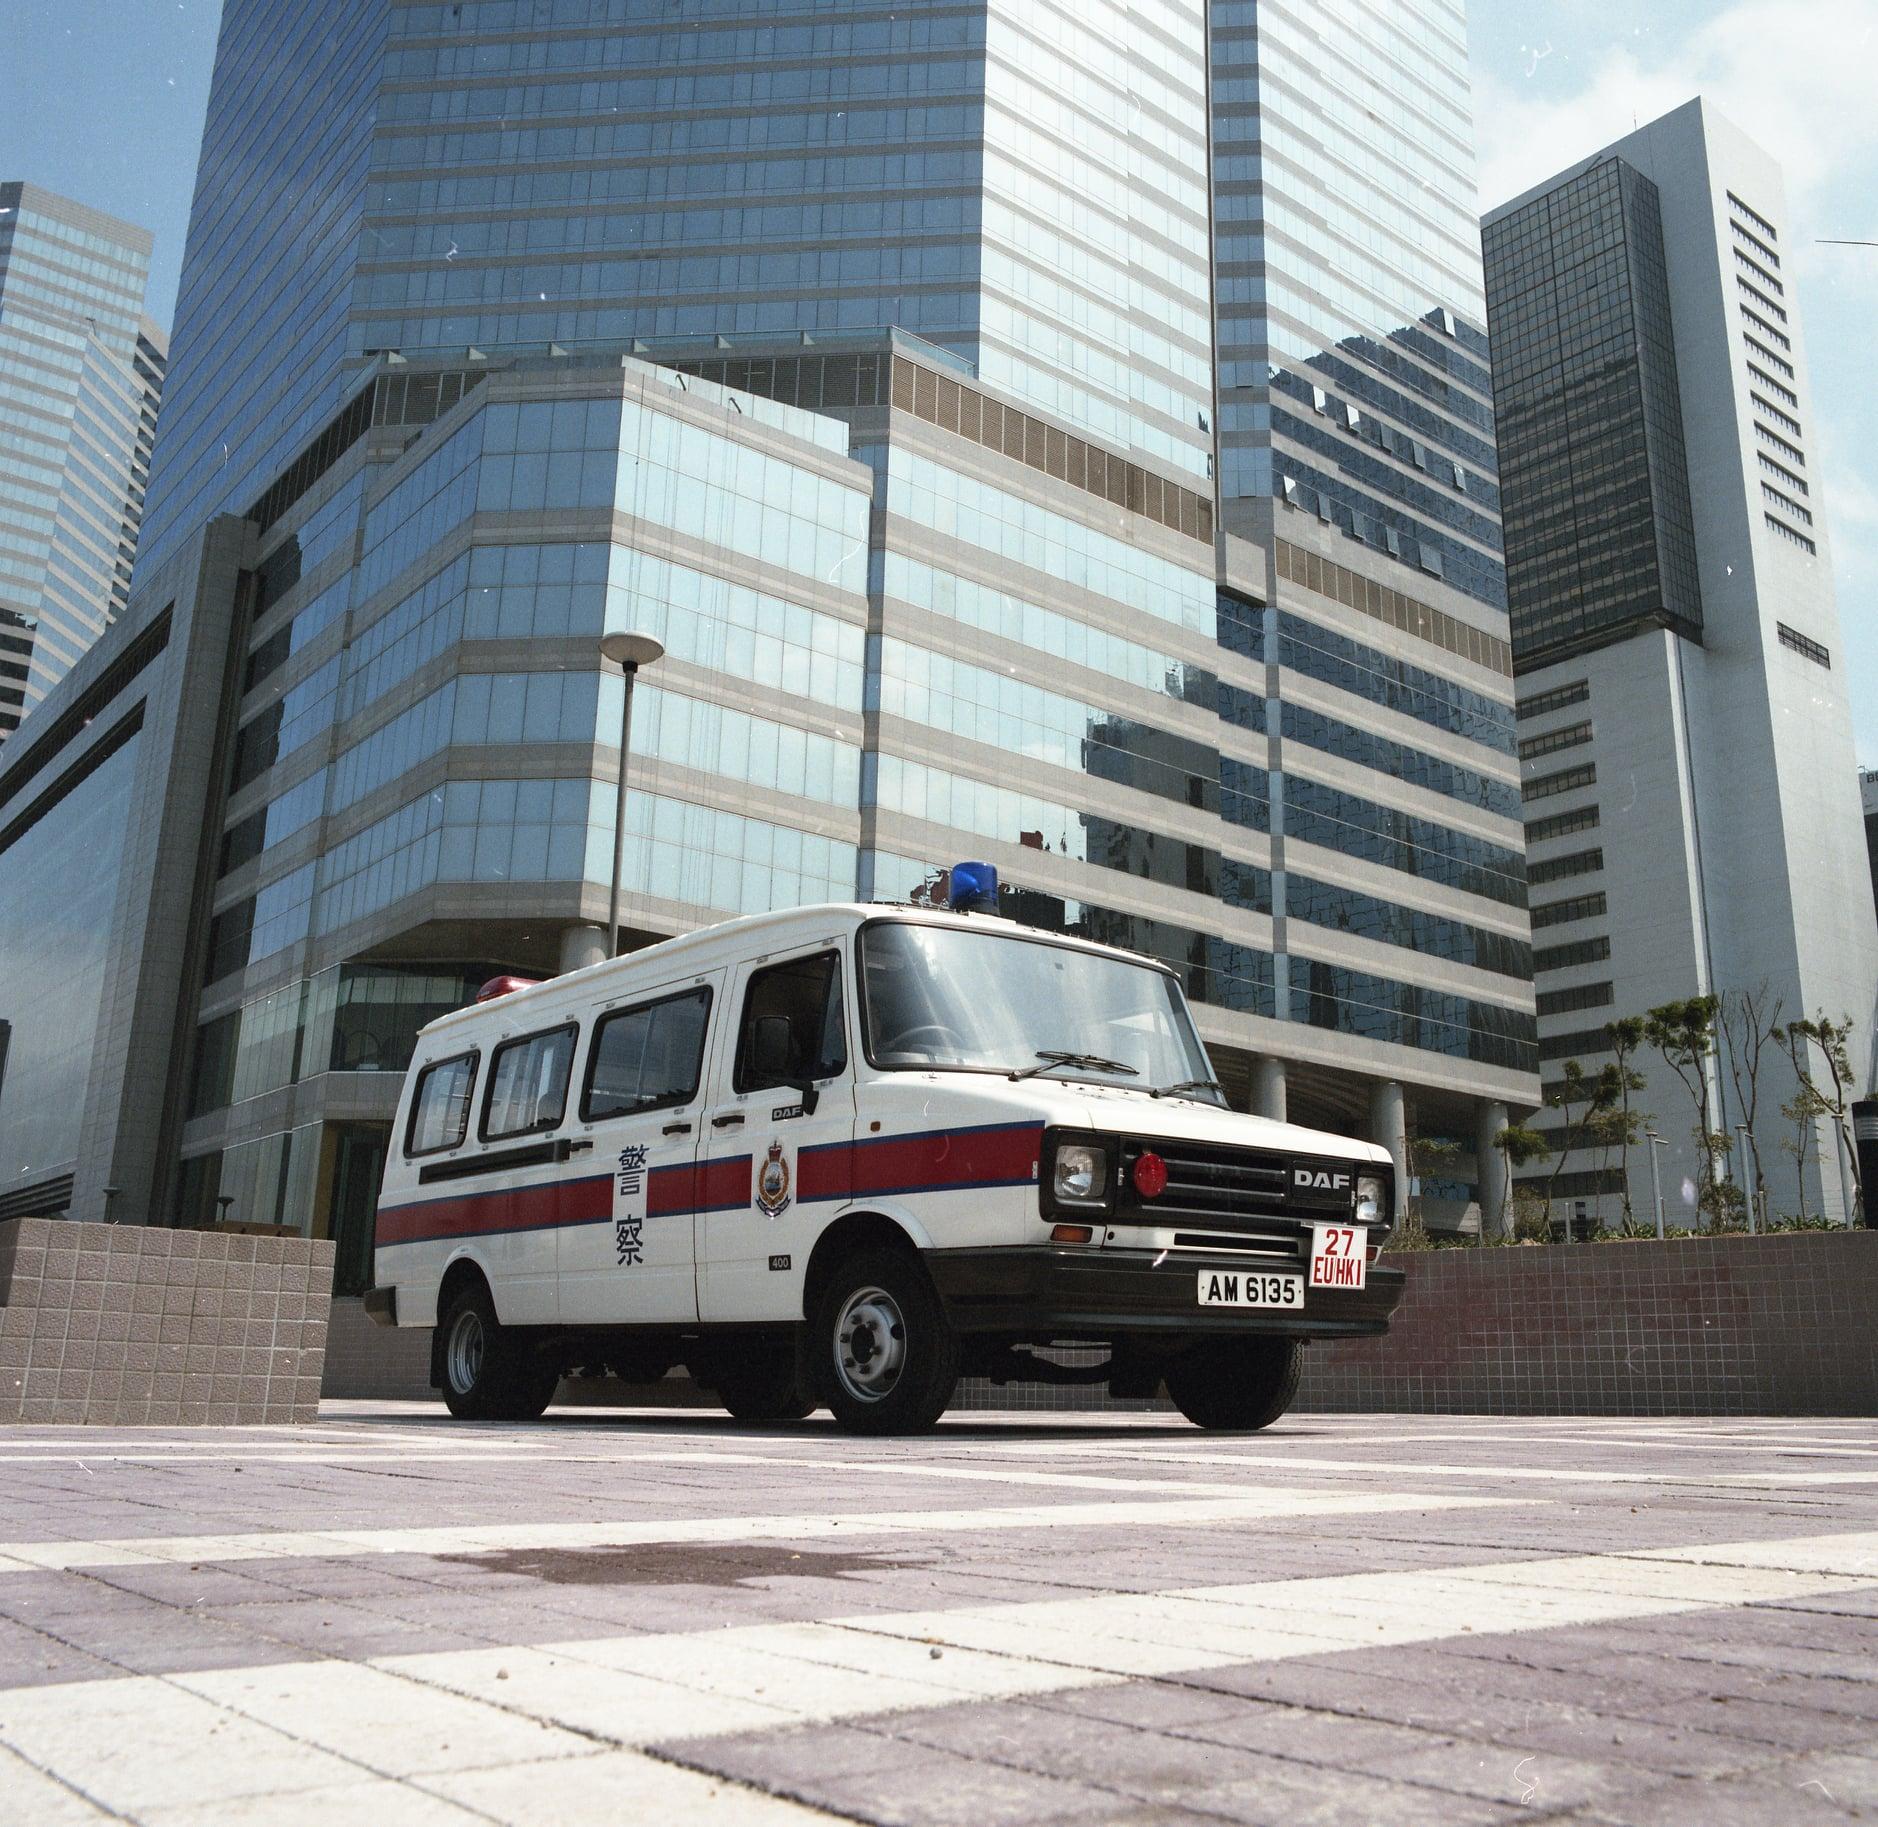 DAF-ambulanche-Hongkong